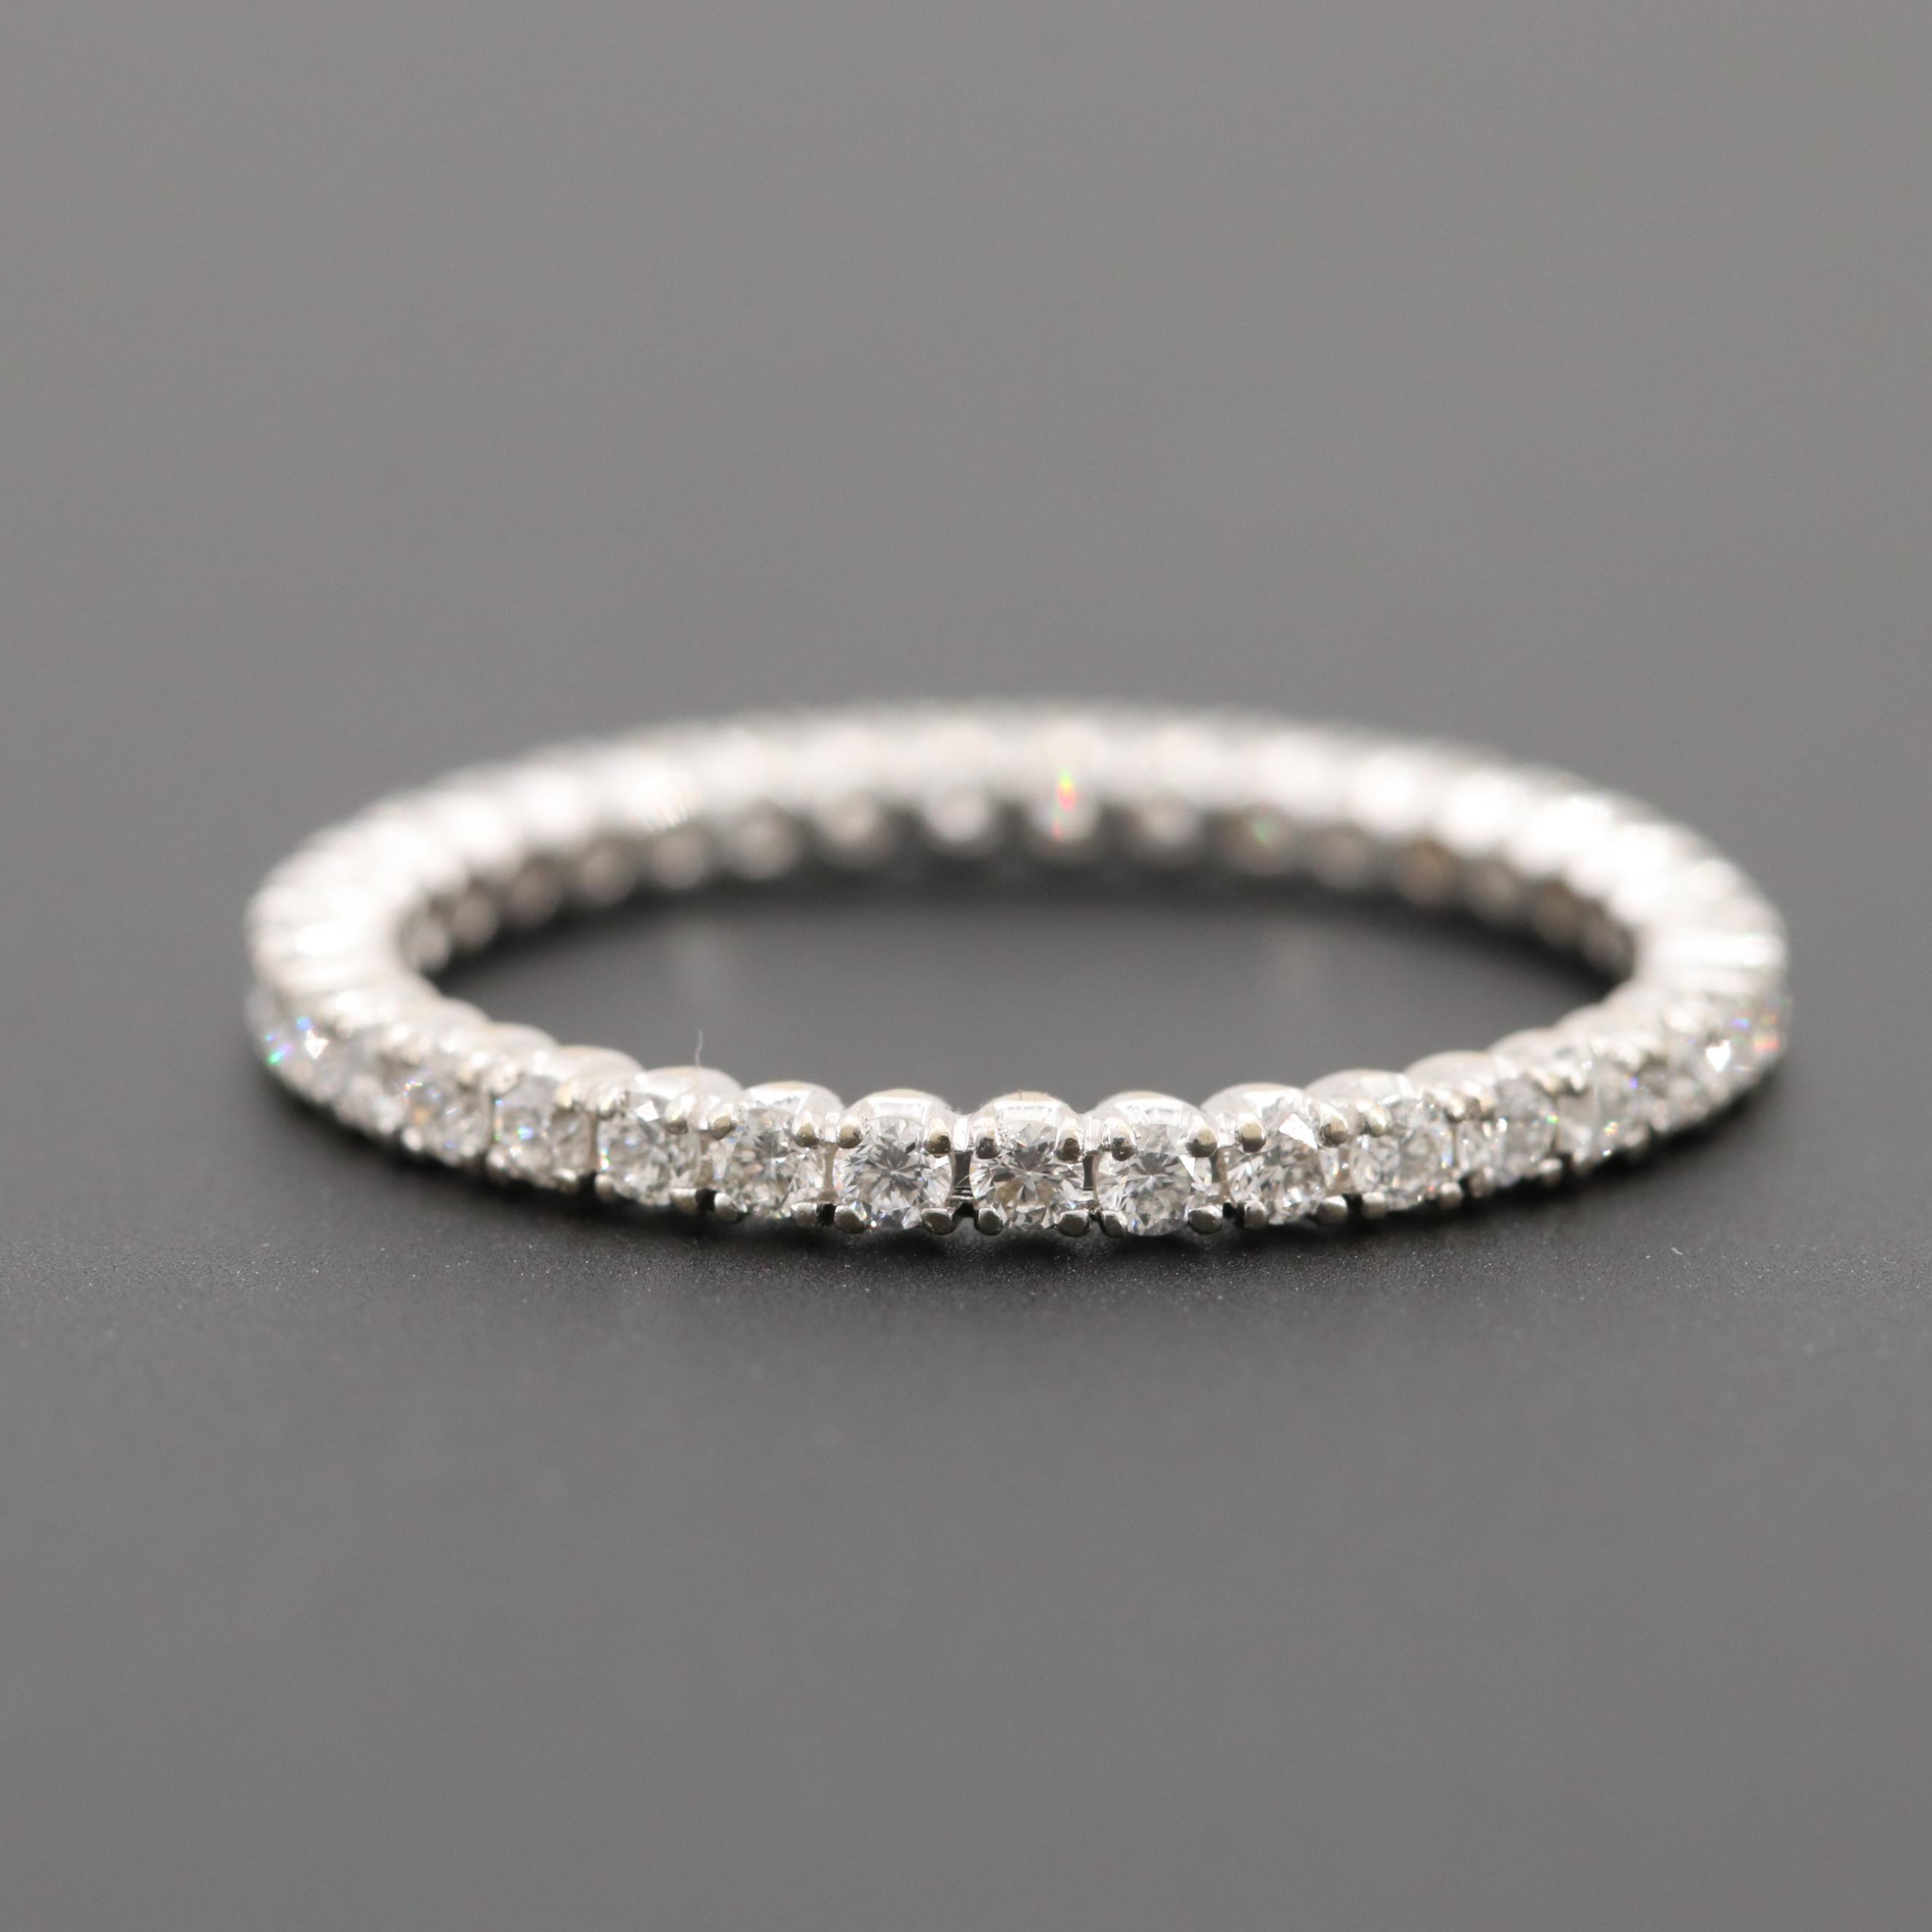 Spark 18K White Gold Diamond Eternity Ring